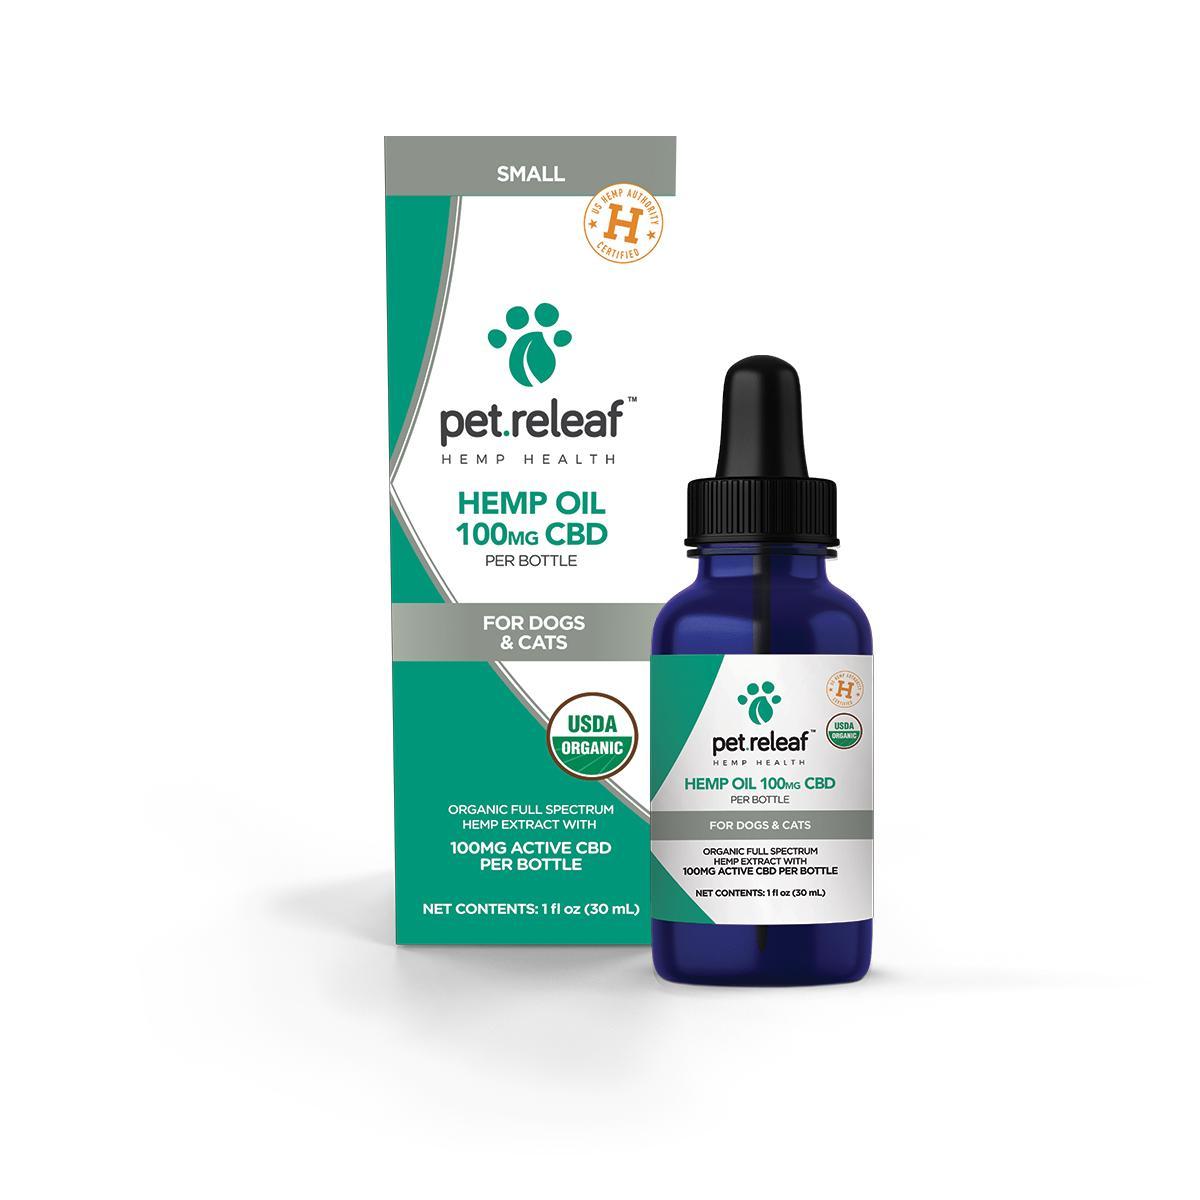 Pet Releaf Oil Alternative Supplement for Pets Image